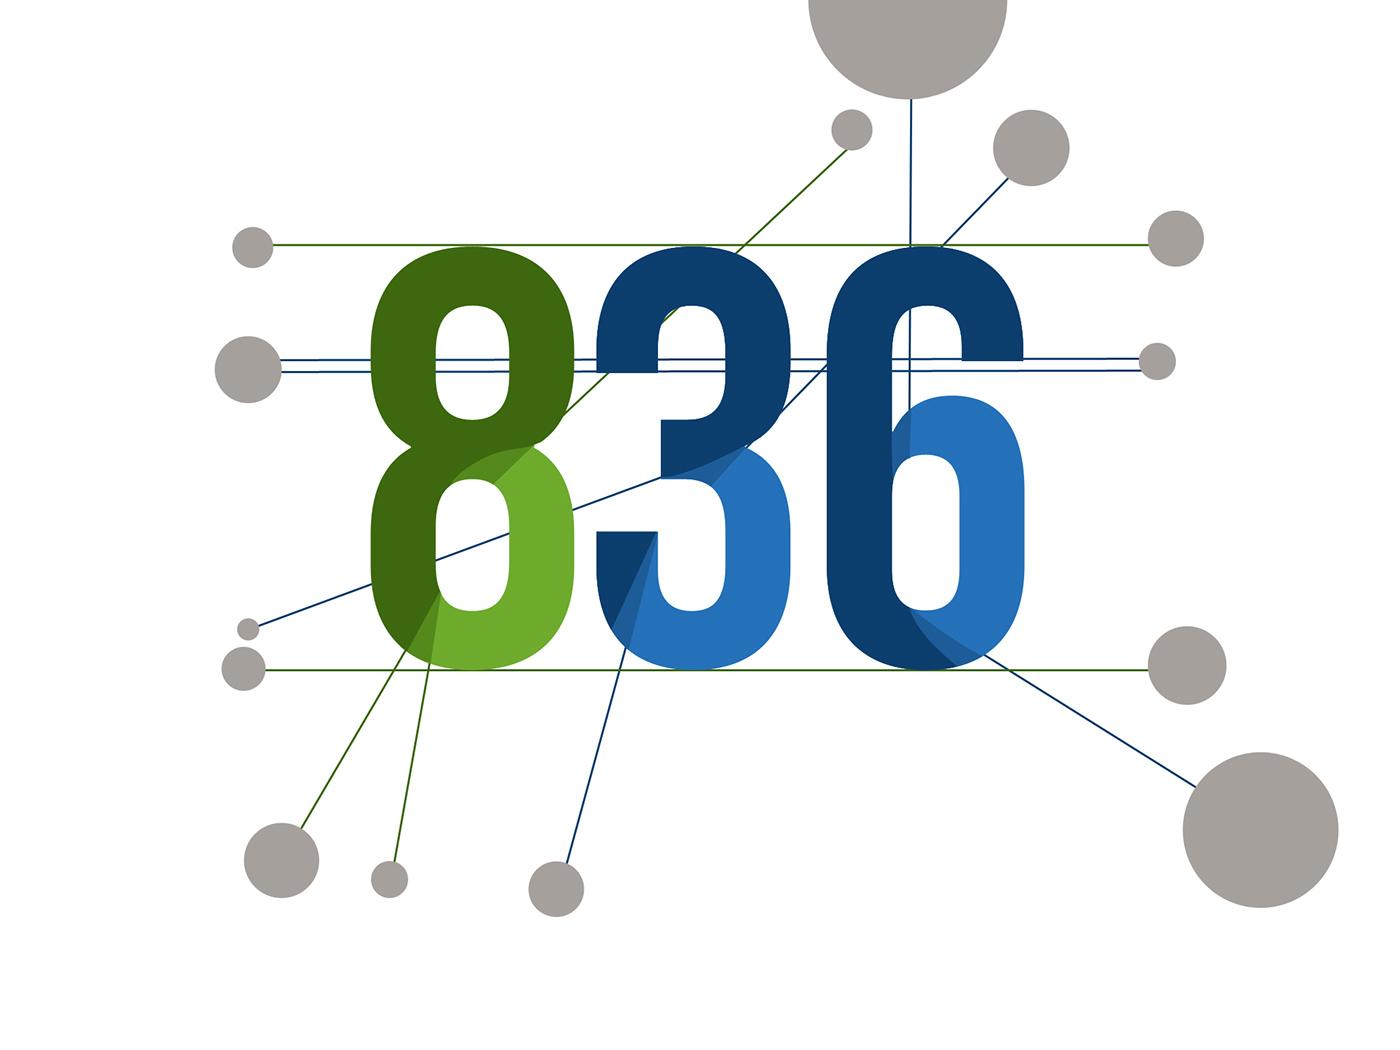 Eeb33b48764579.58a19e47537ab